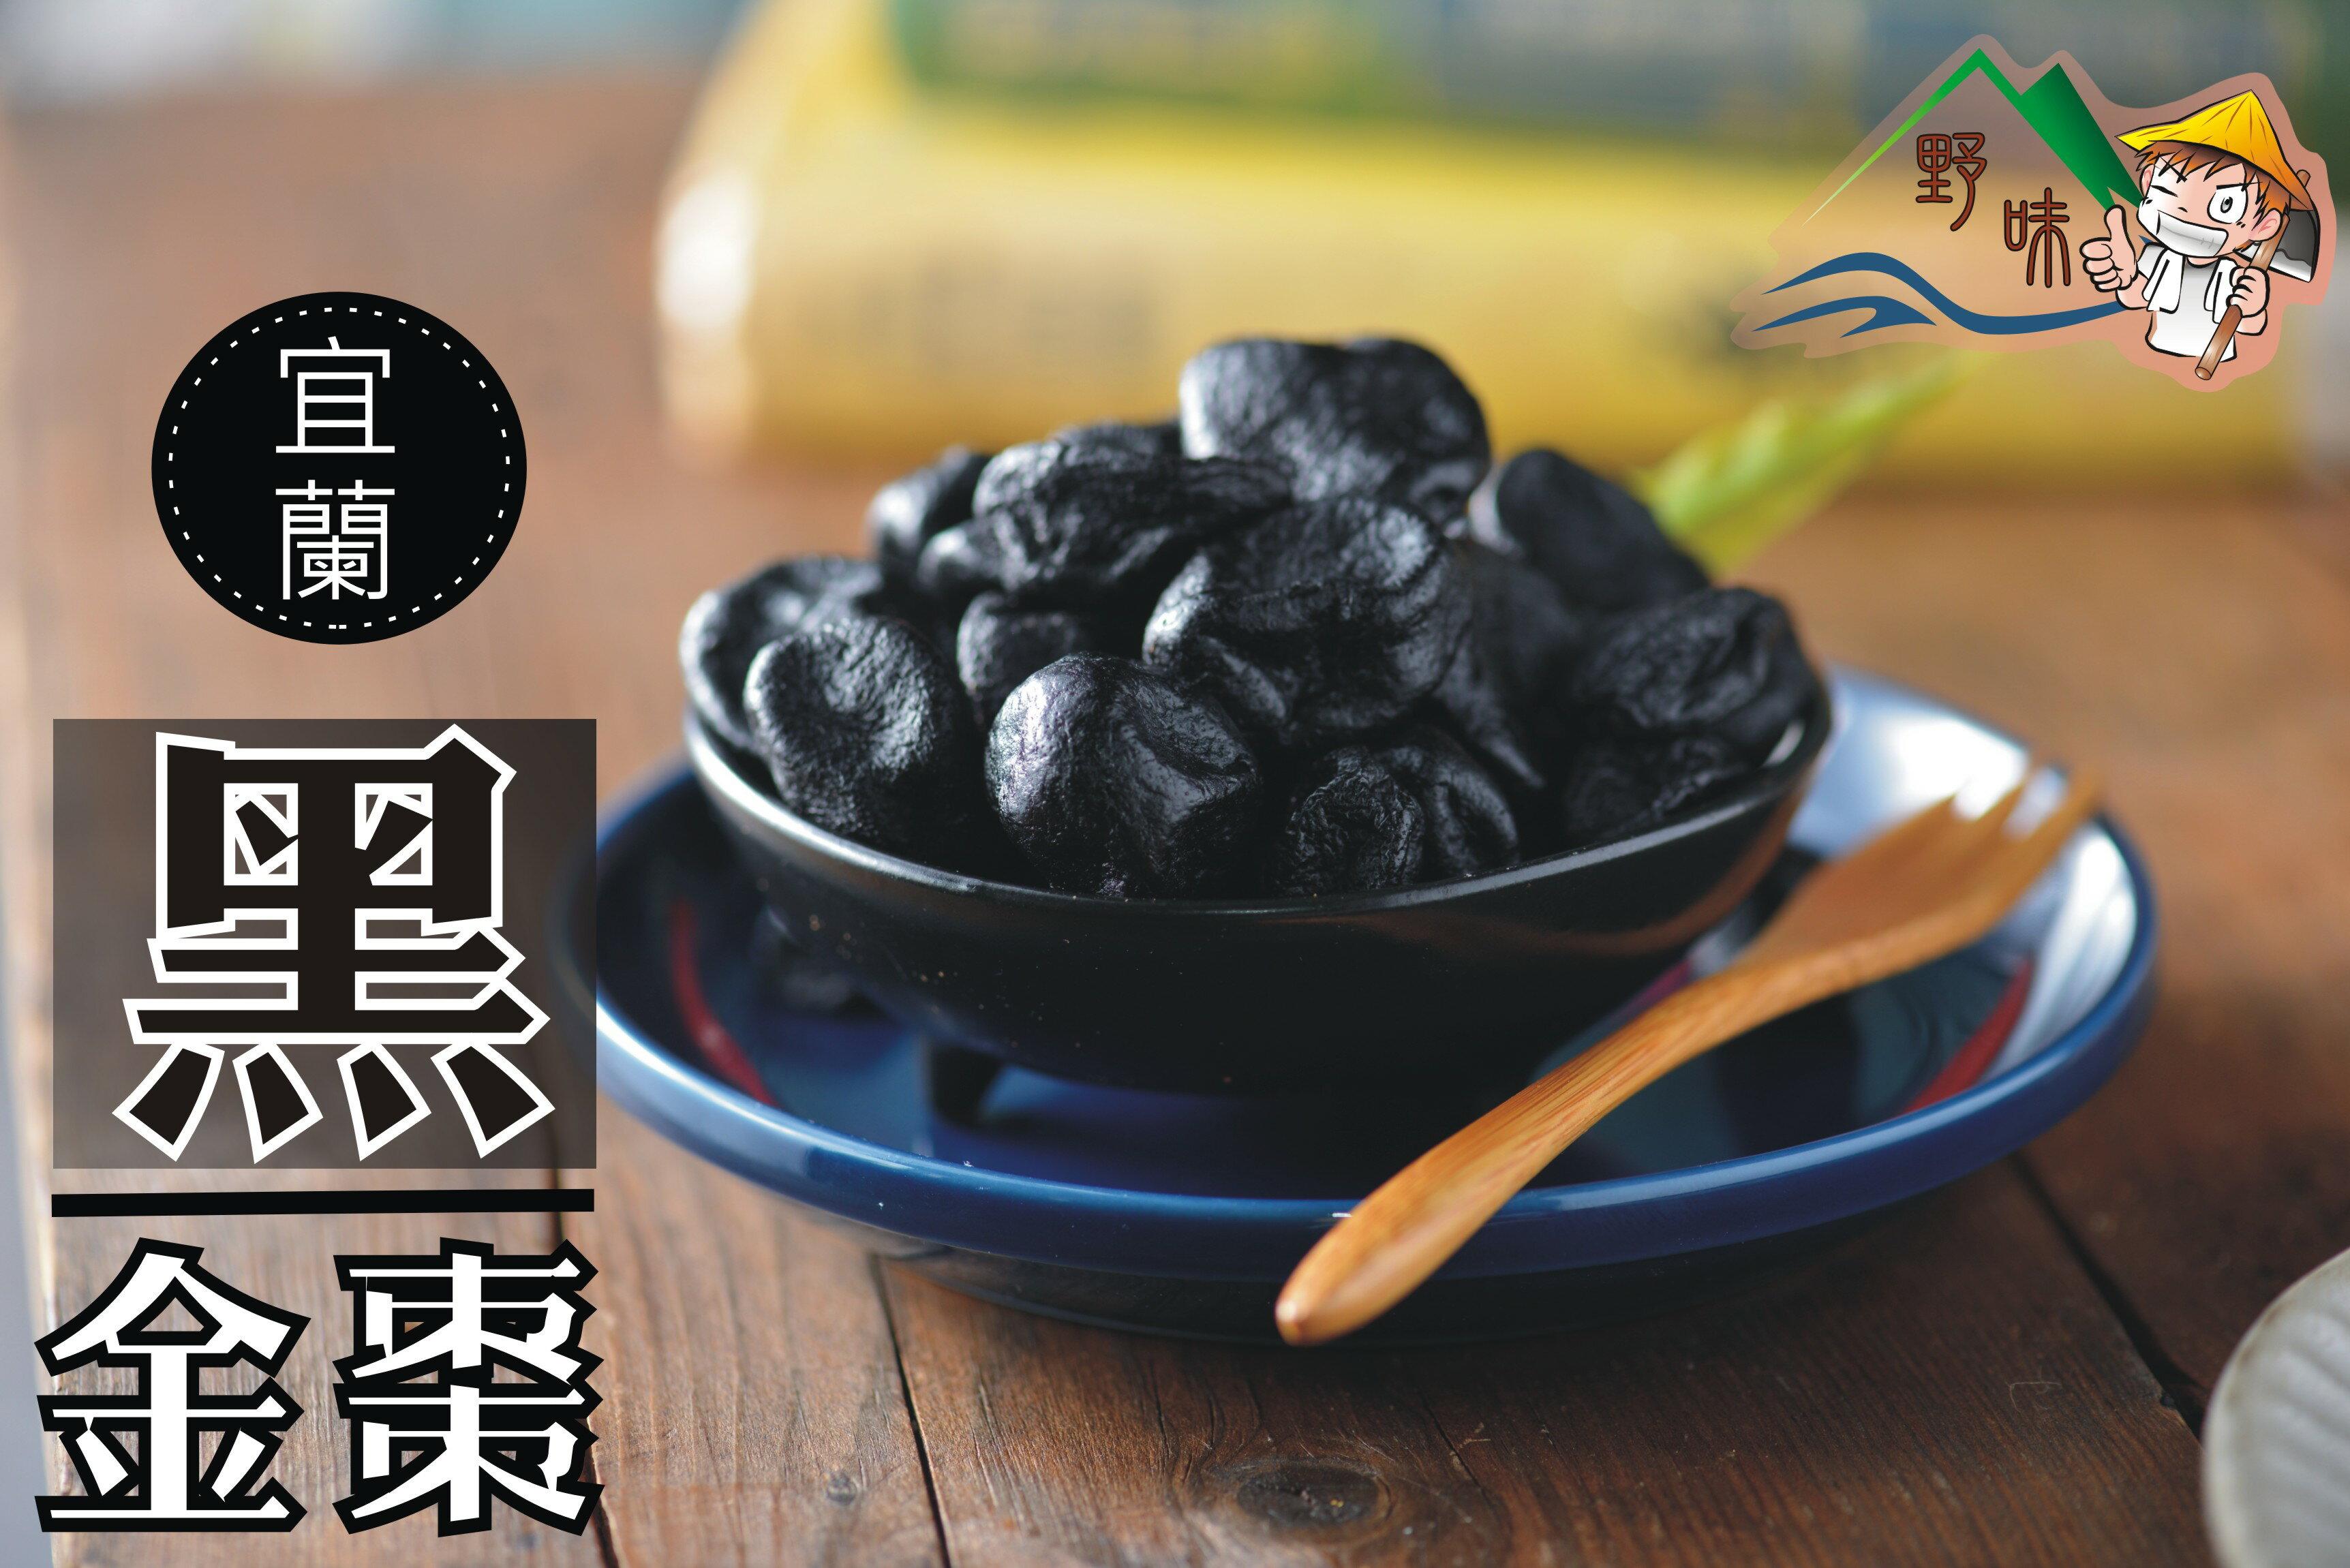 【野味食品】宜蘭黑金棗(金棗乾)(250g / 包,700g / 包)(桃園出貨) 3